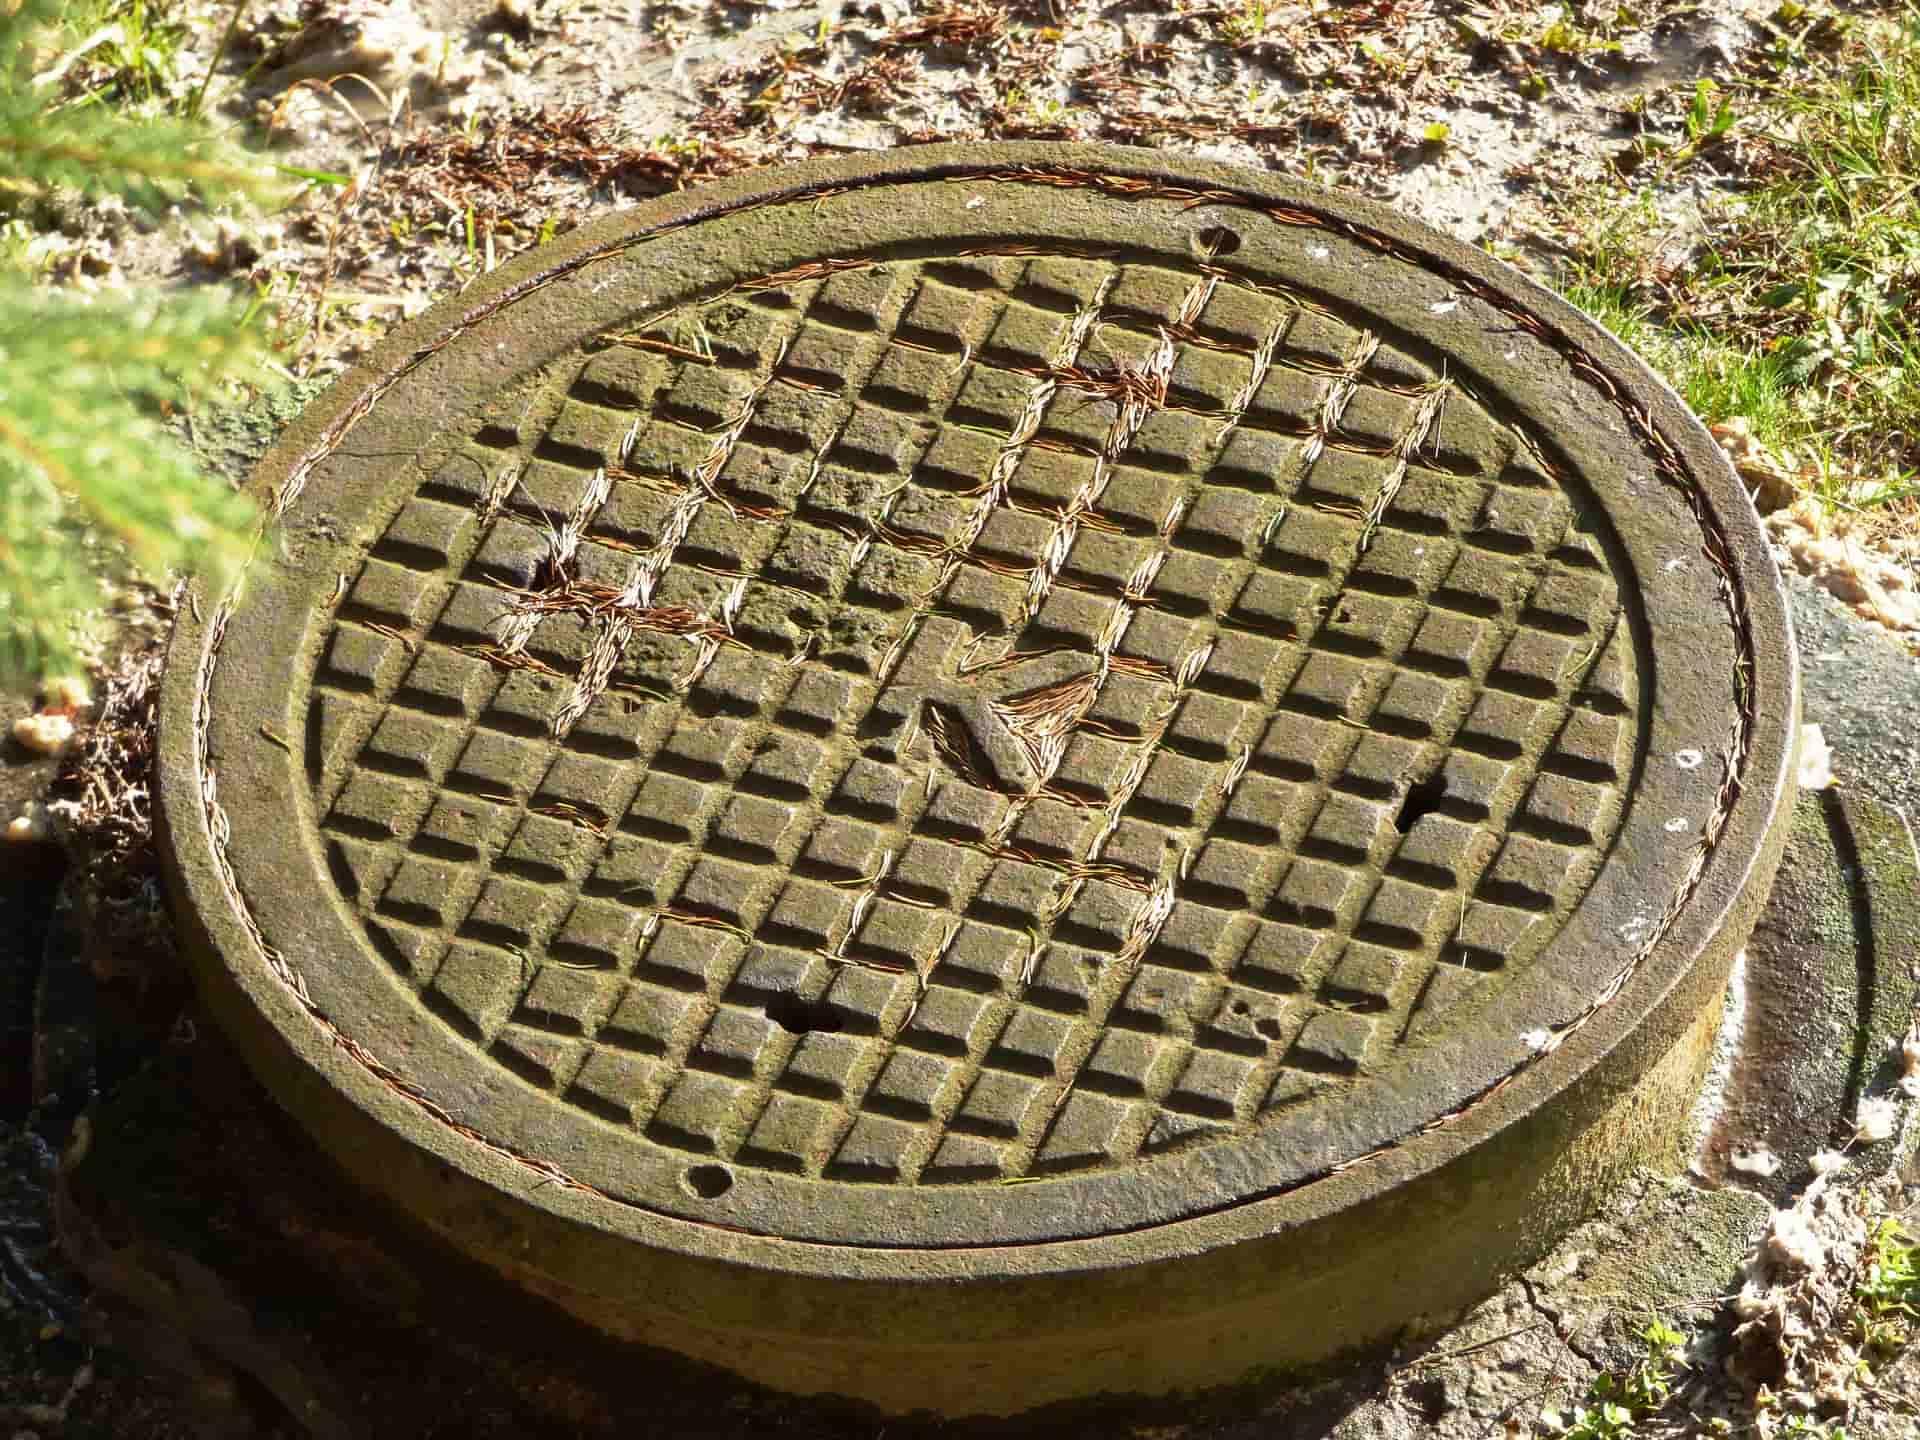 Что сделать с канализацией, чтобы она не перемерзала зимой Советы,Дача,Дом,Мастер,Сантехника,Строительство